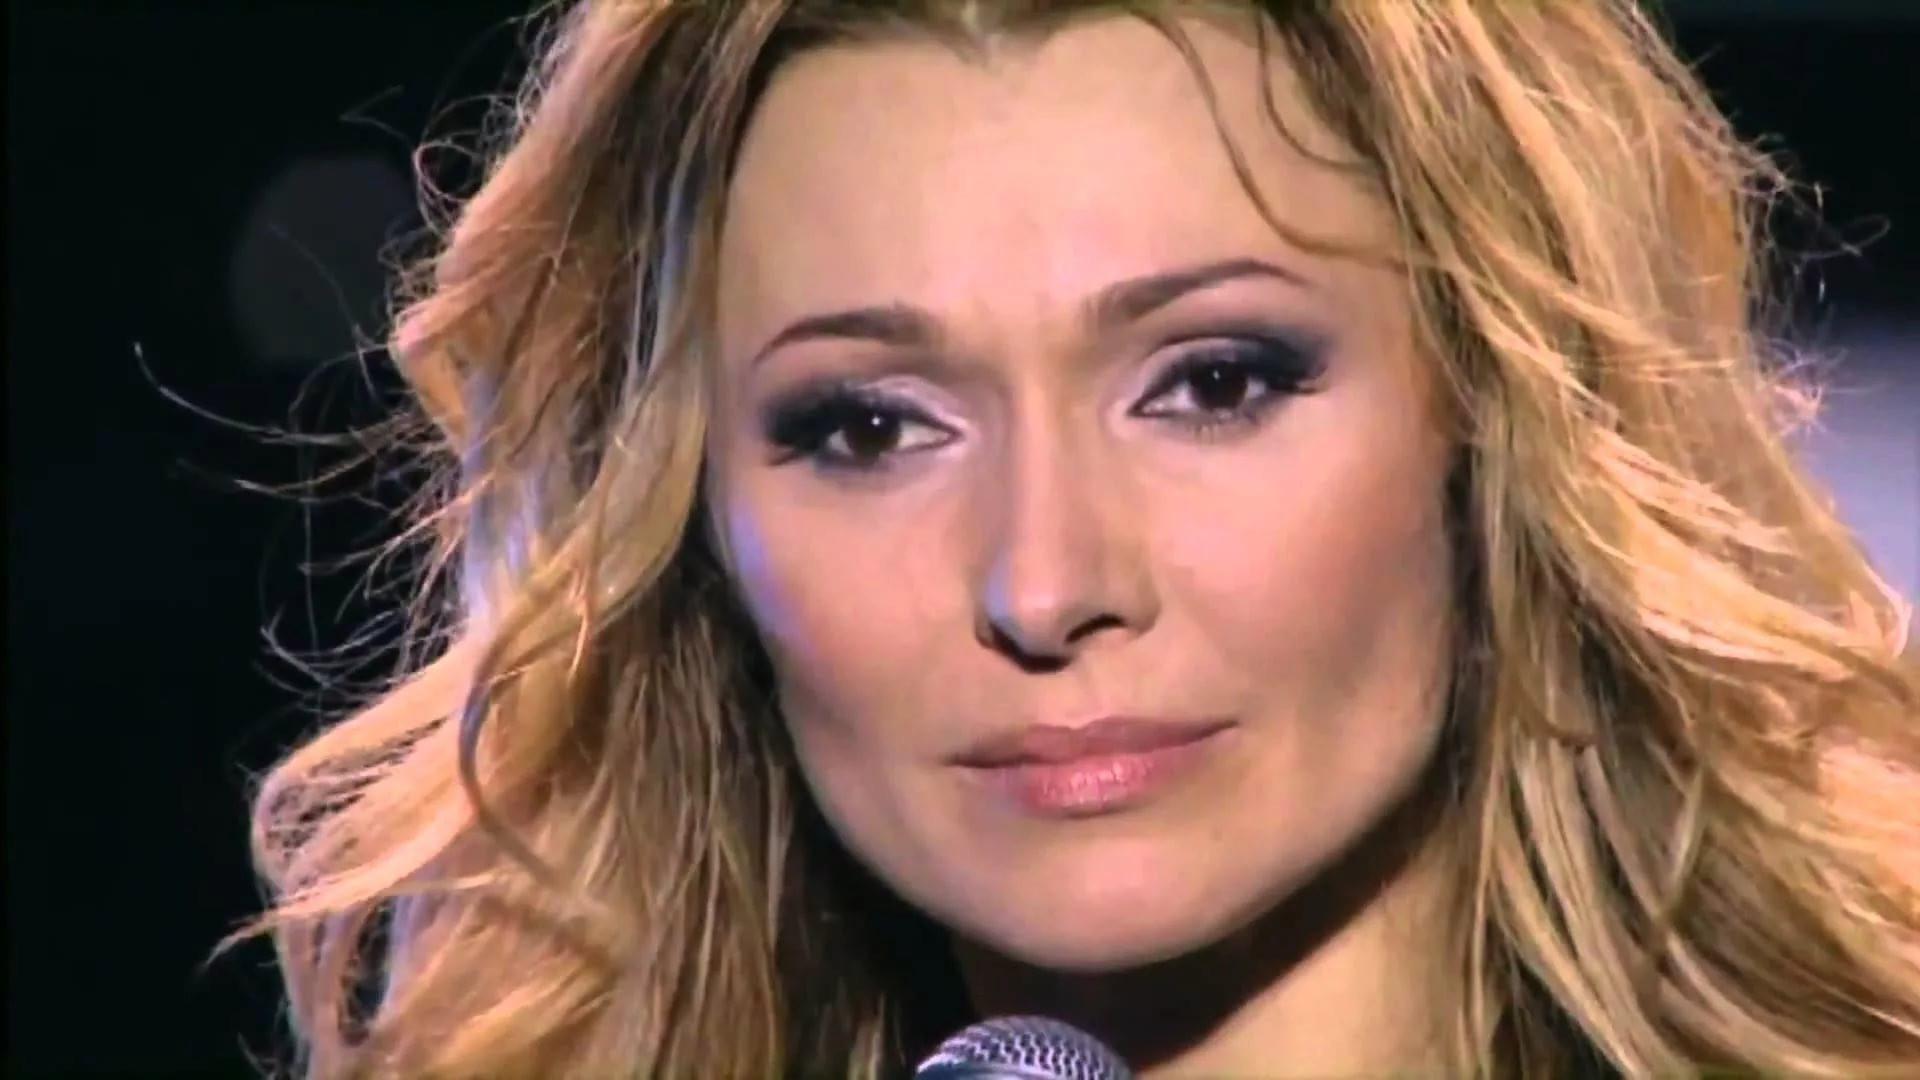 В столице России обворовали эстрадную певицу Анжелику Агурбаш